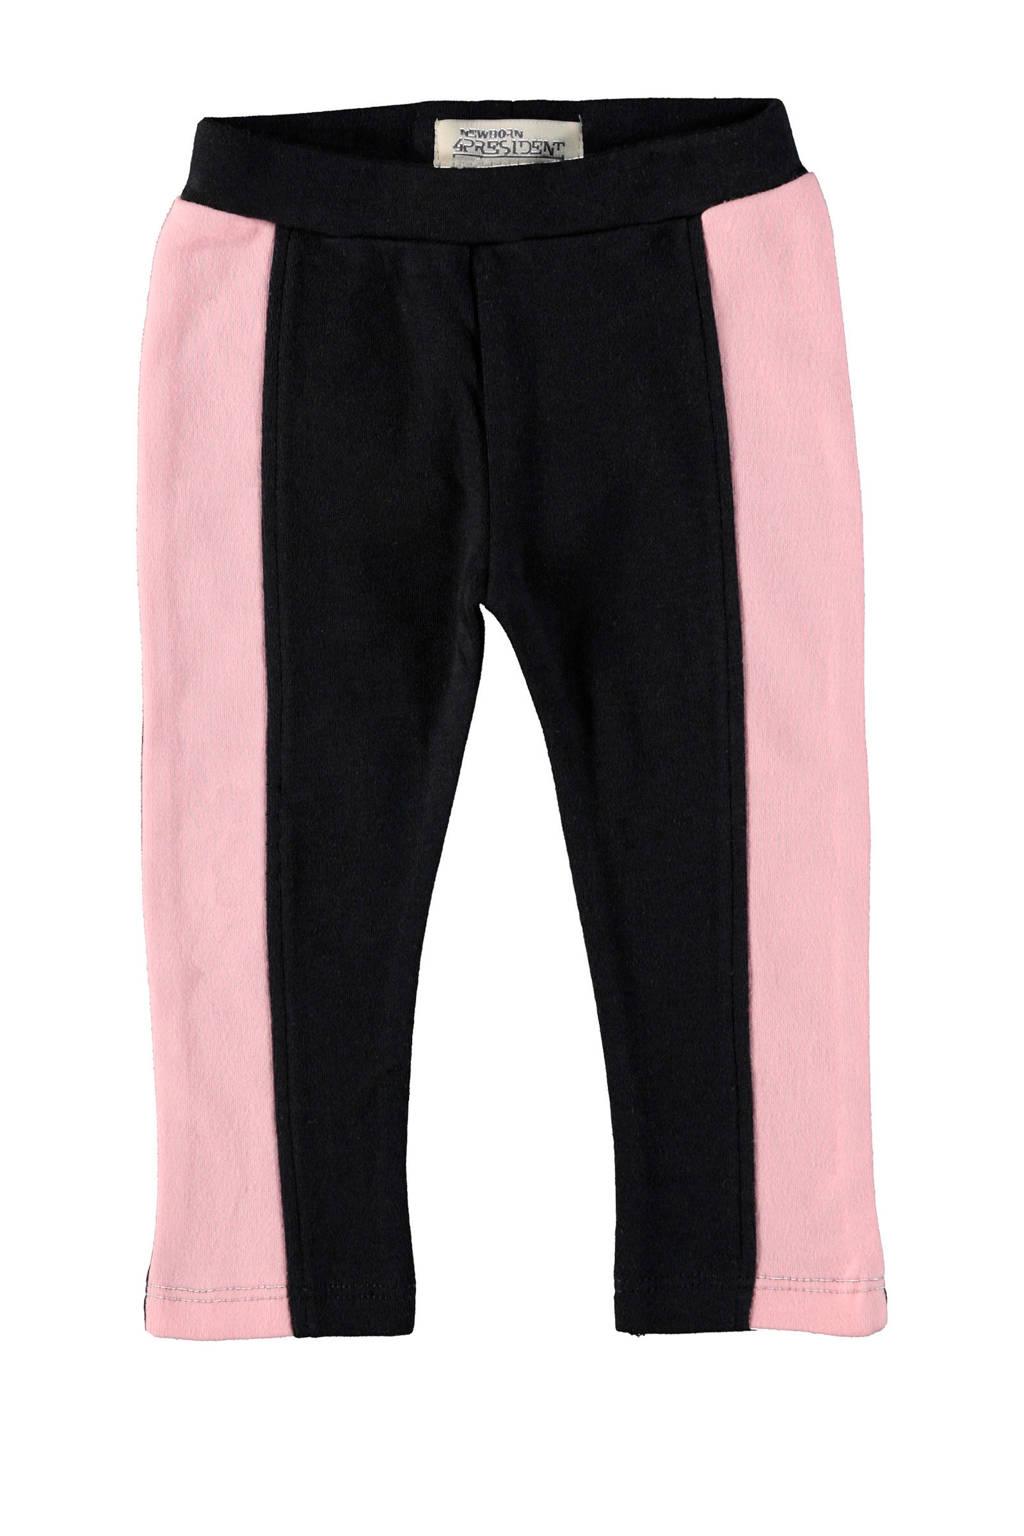 4PRESIDENT baby legging Josie met zijstreep zwart/roze, Zwart/roze